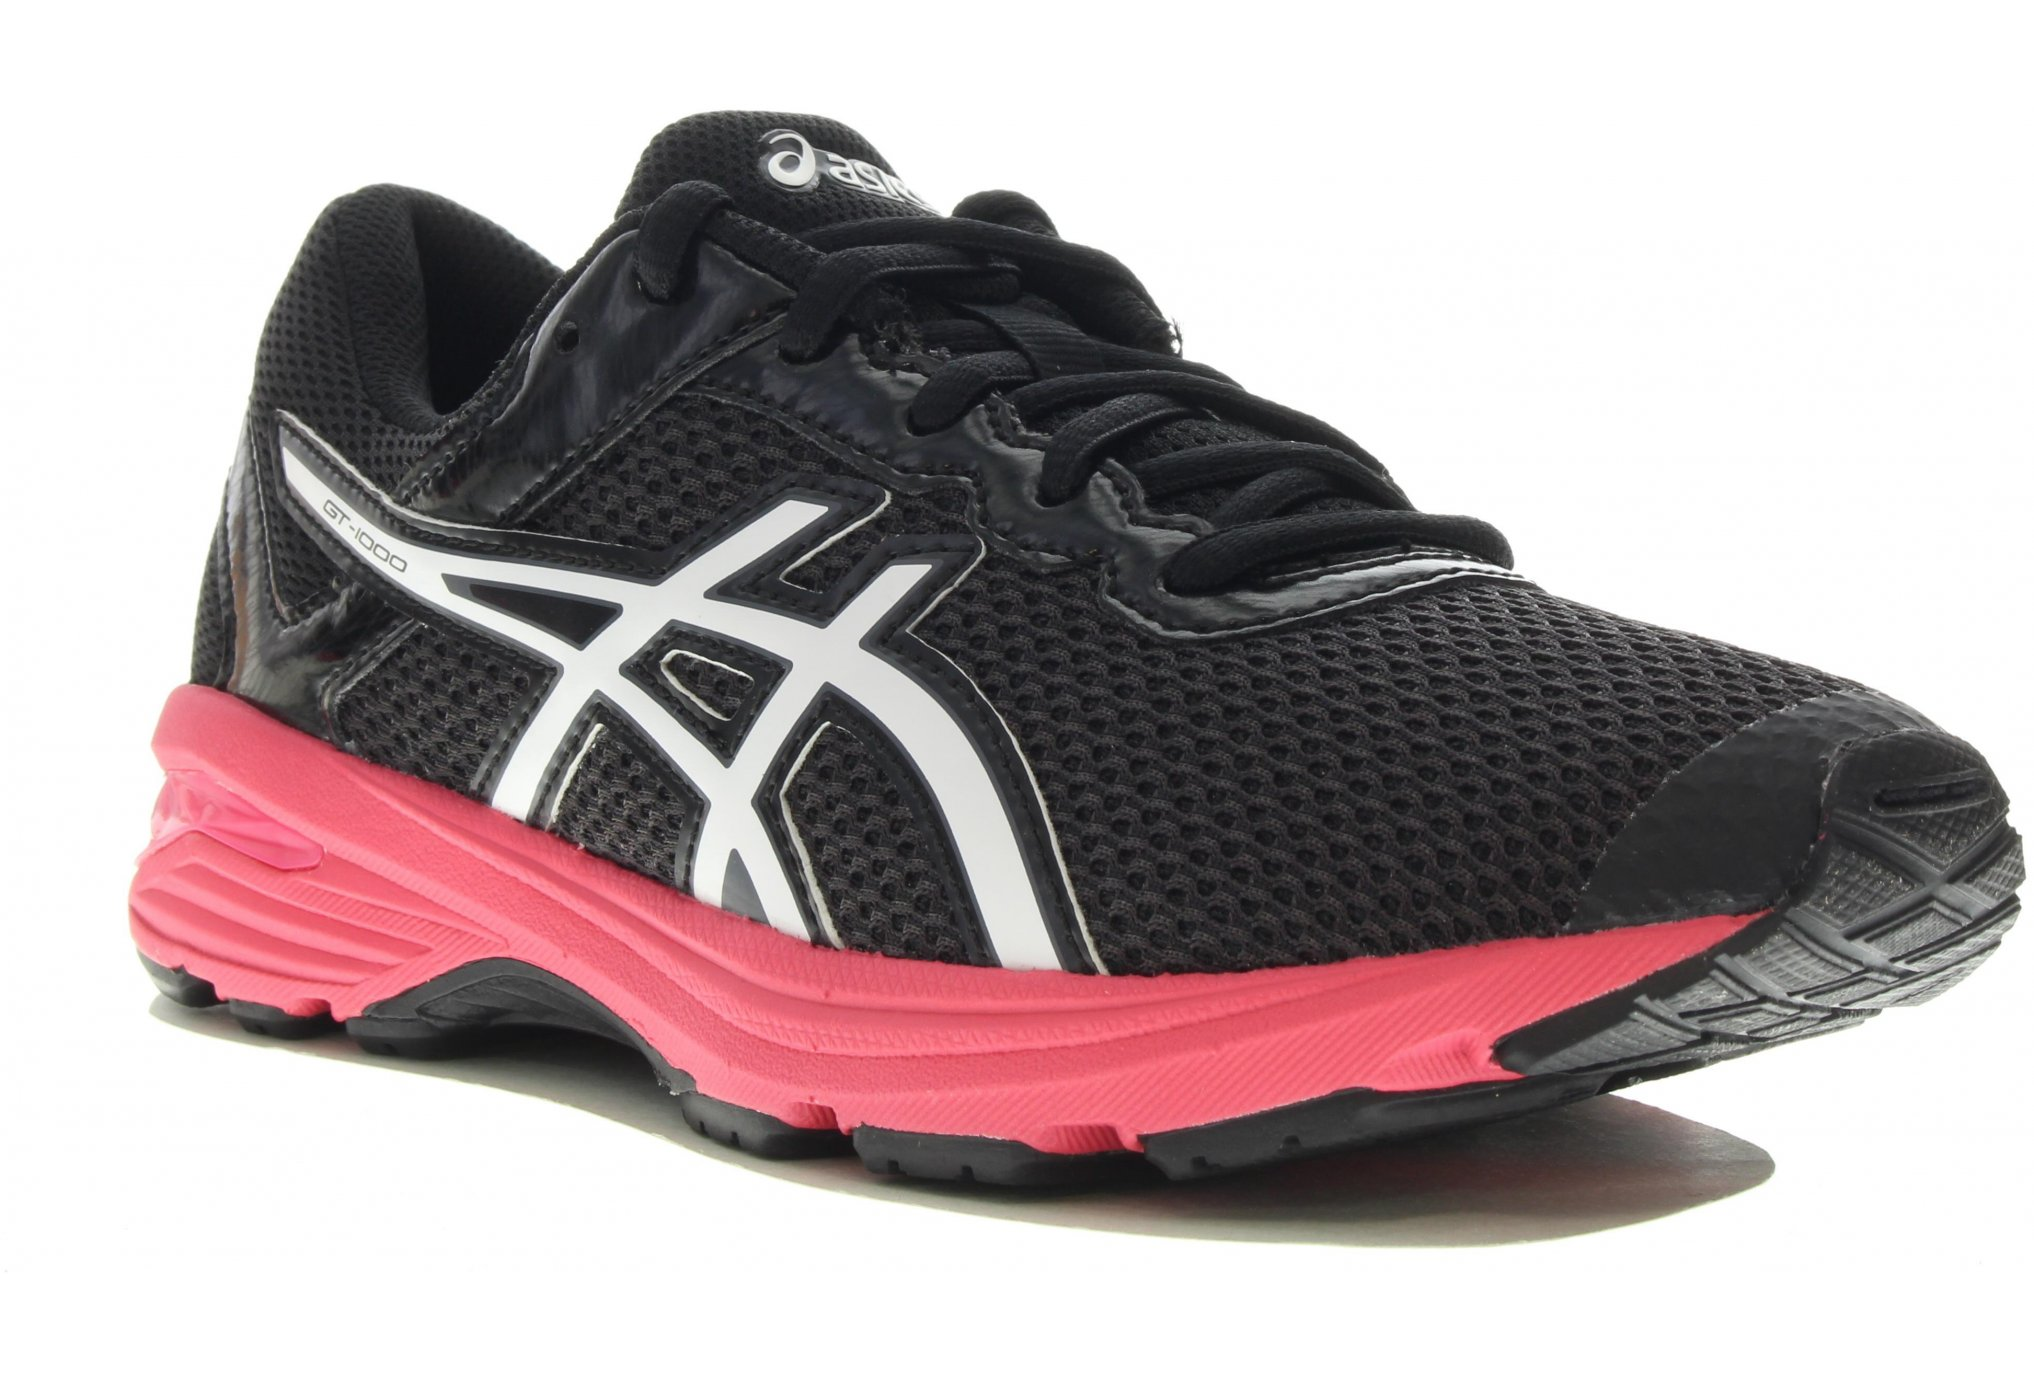 Asics GT-1000 6 GS Chaussures running femme